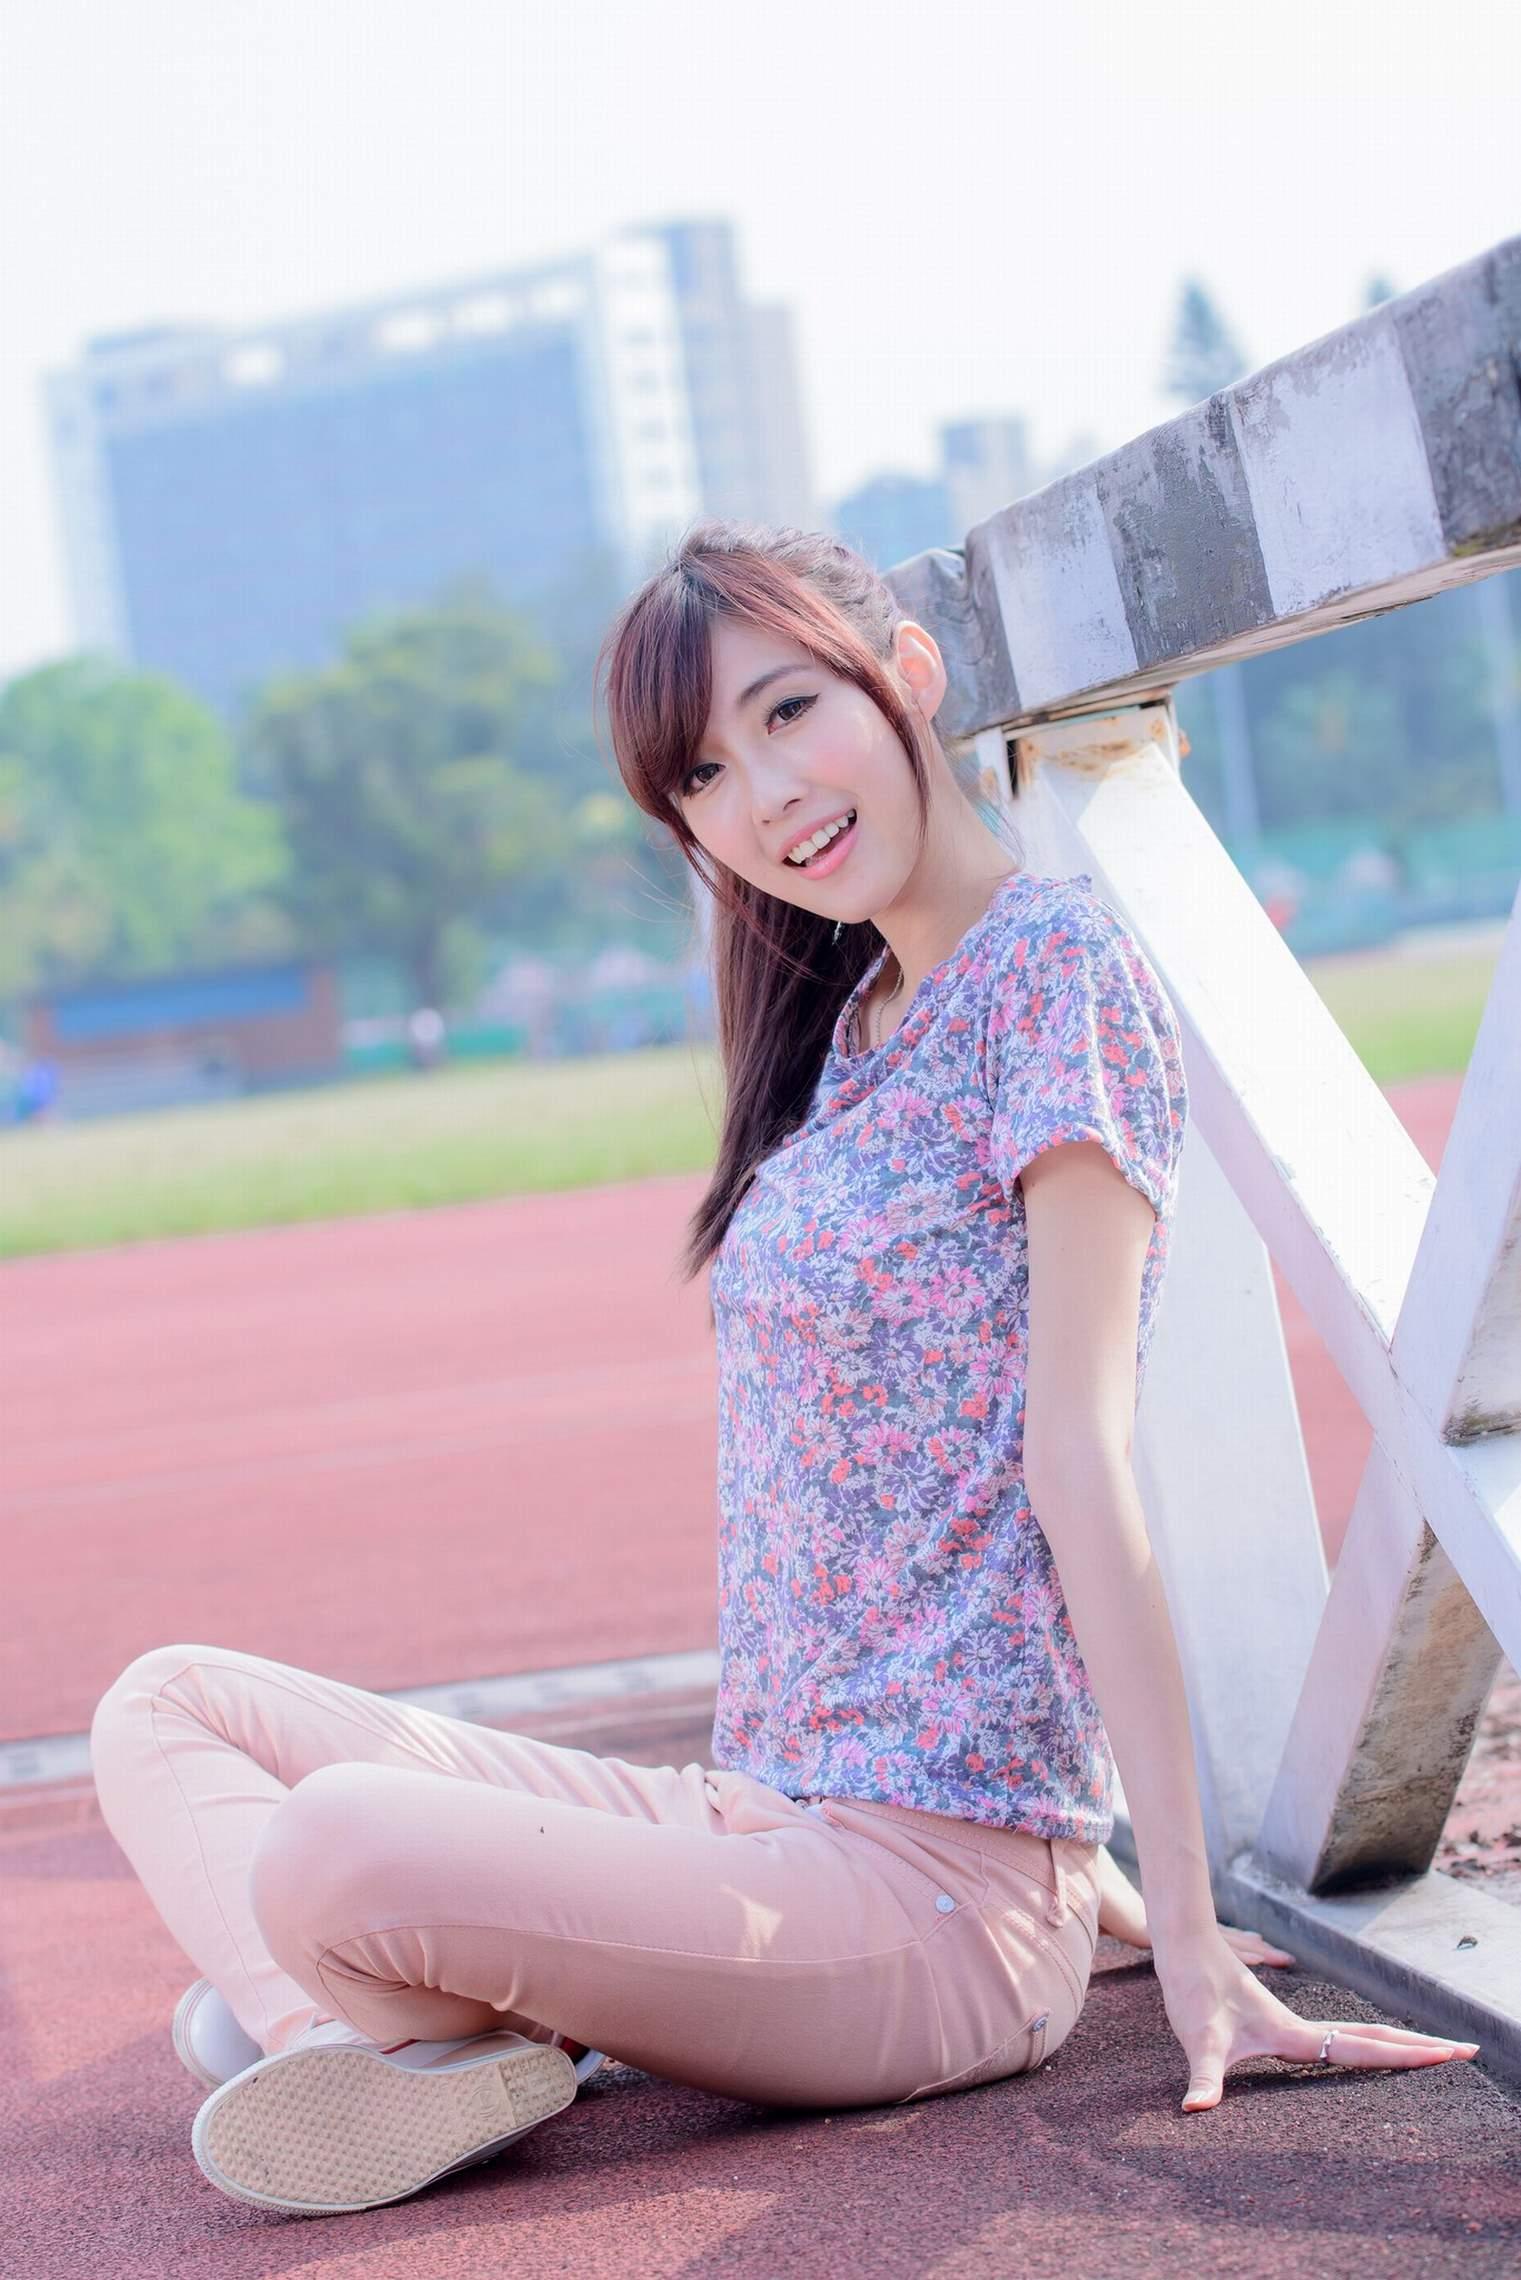 日本少女16岁人体_日本14岁少女人体艺术_17岁日本少女 人体艺术_日本21岁少女人体 ...